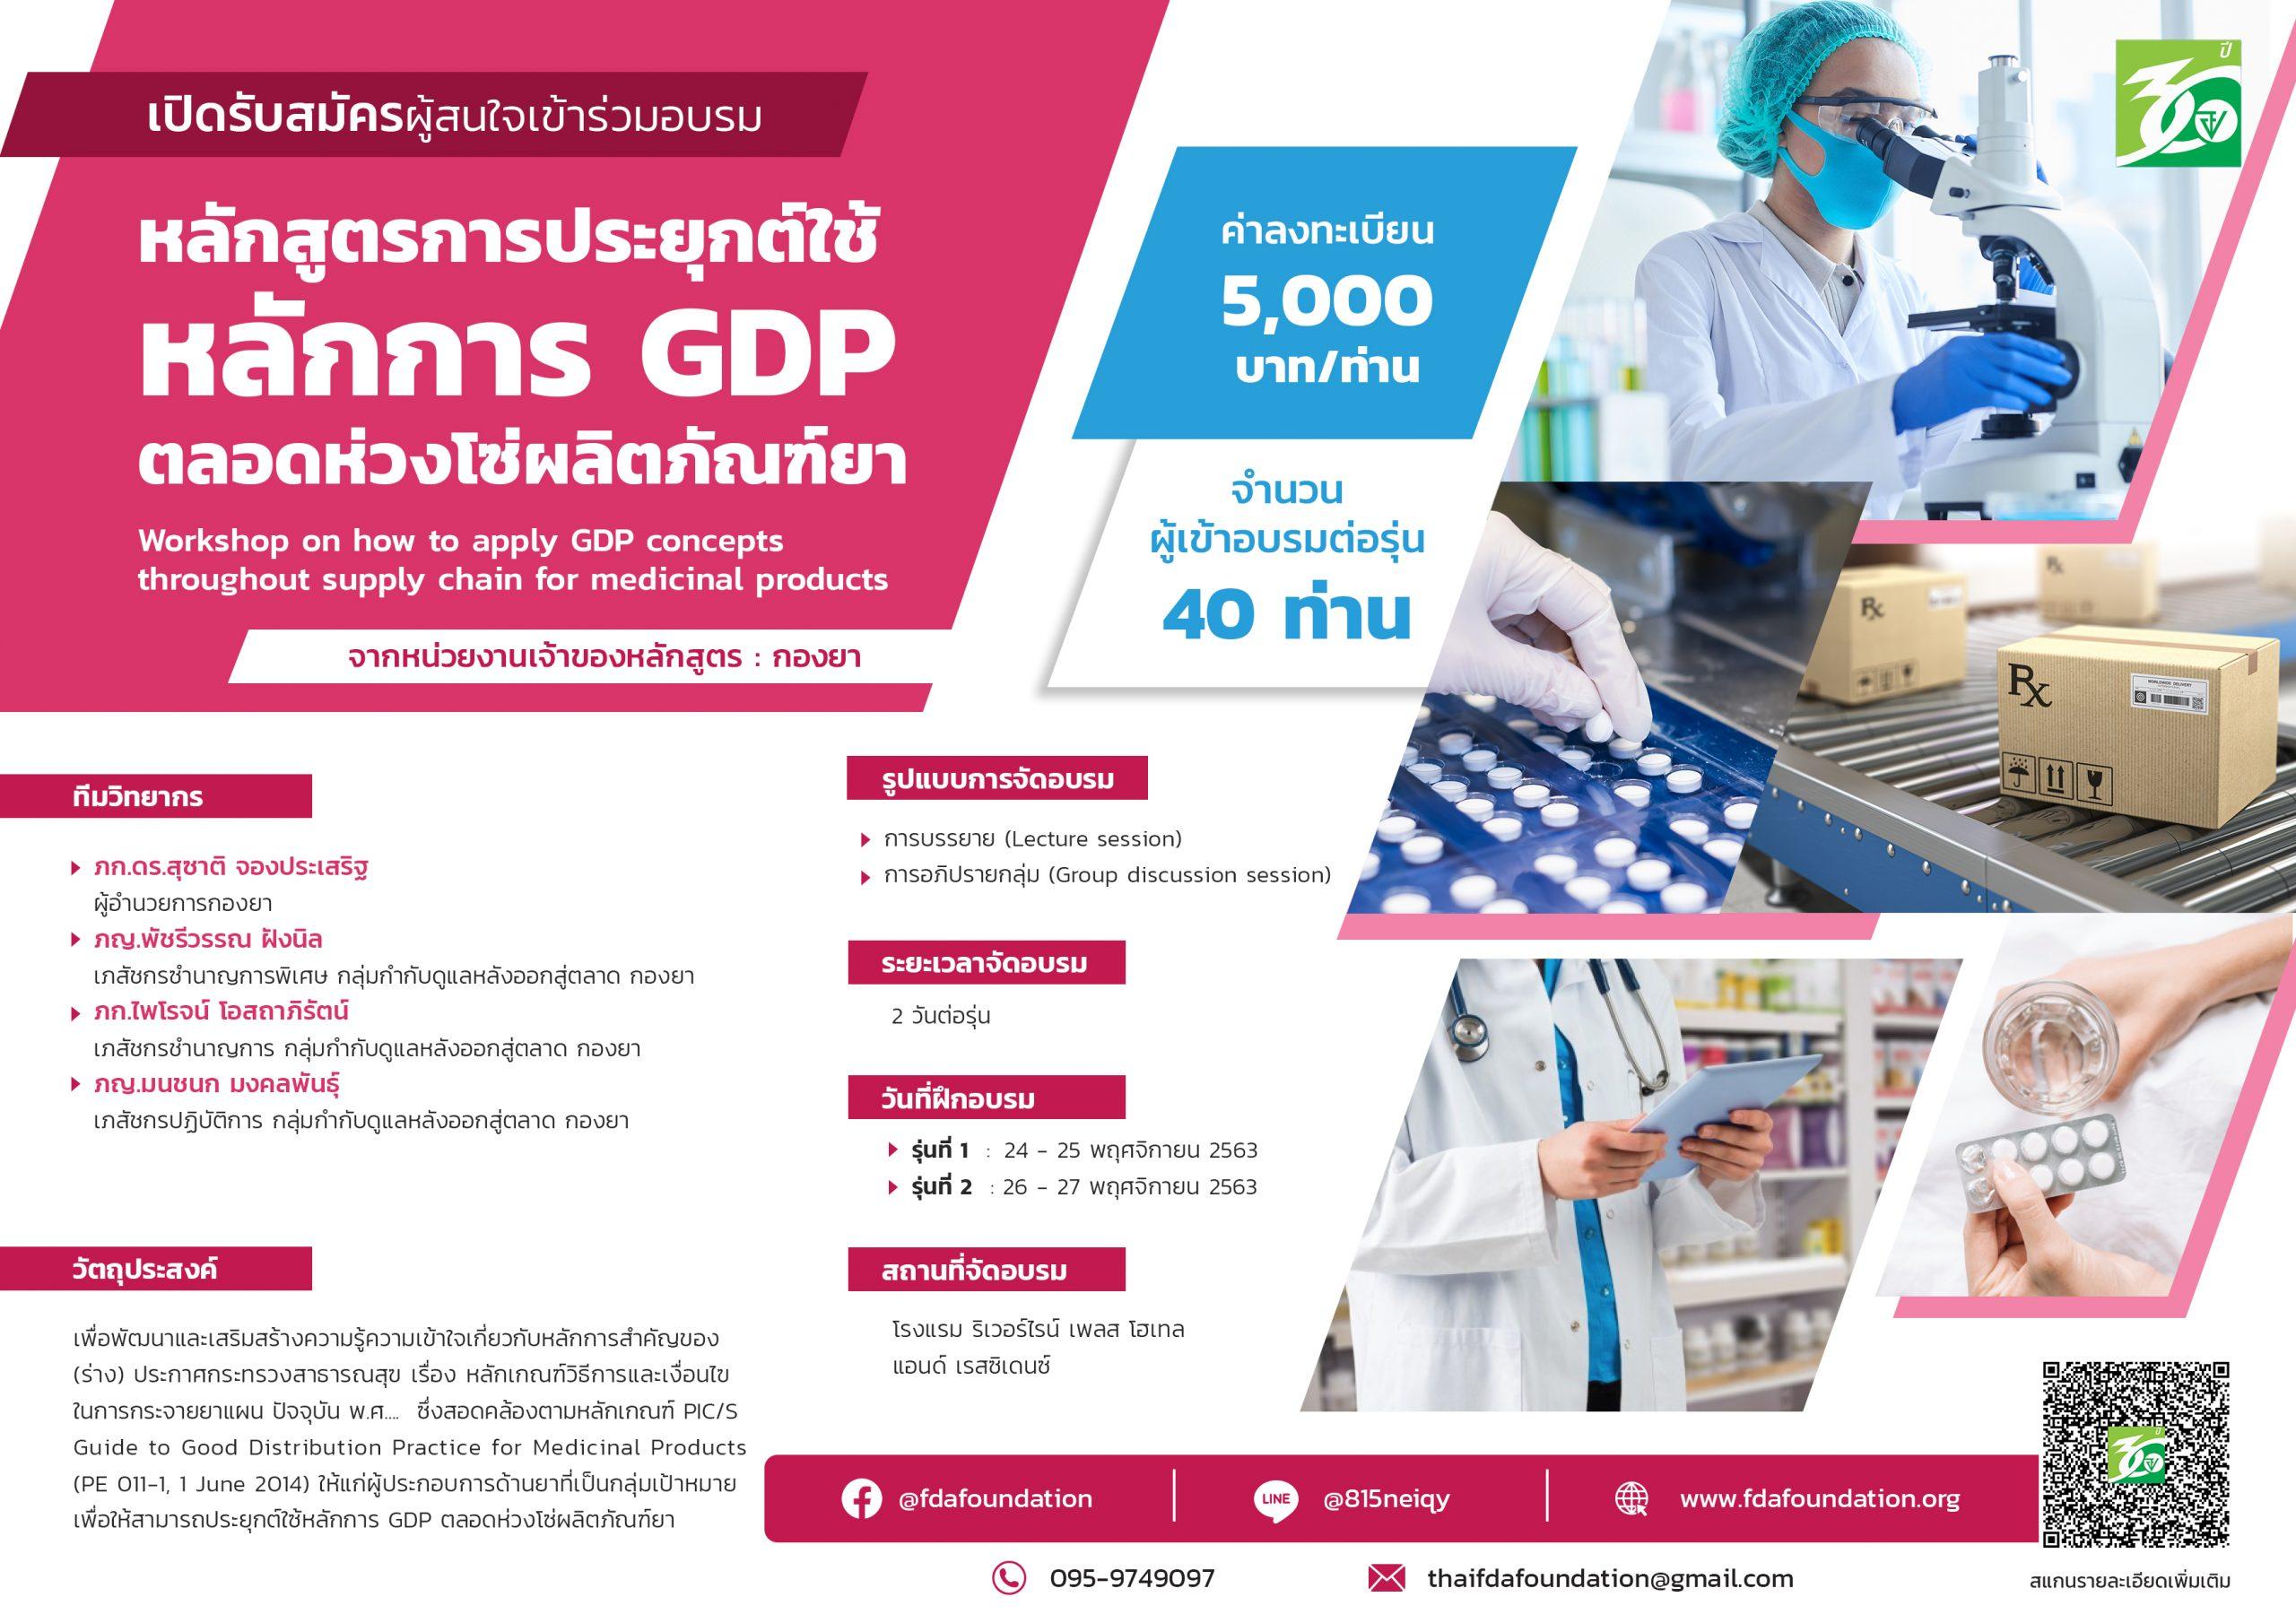 FDA_A4_2_Pink